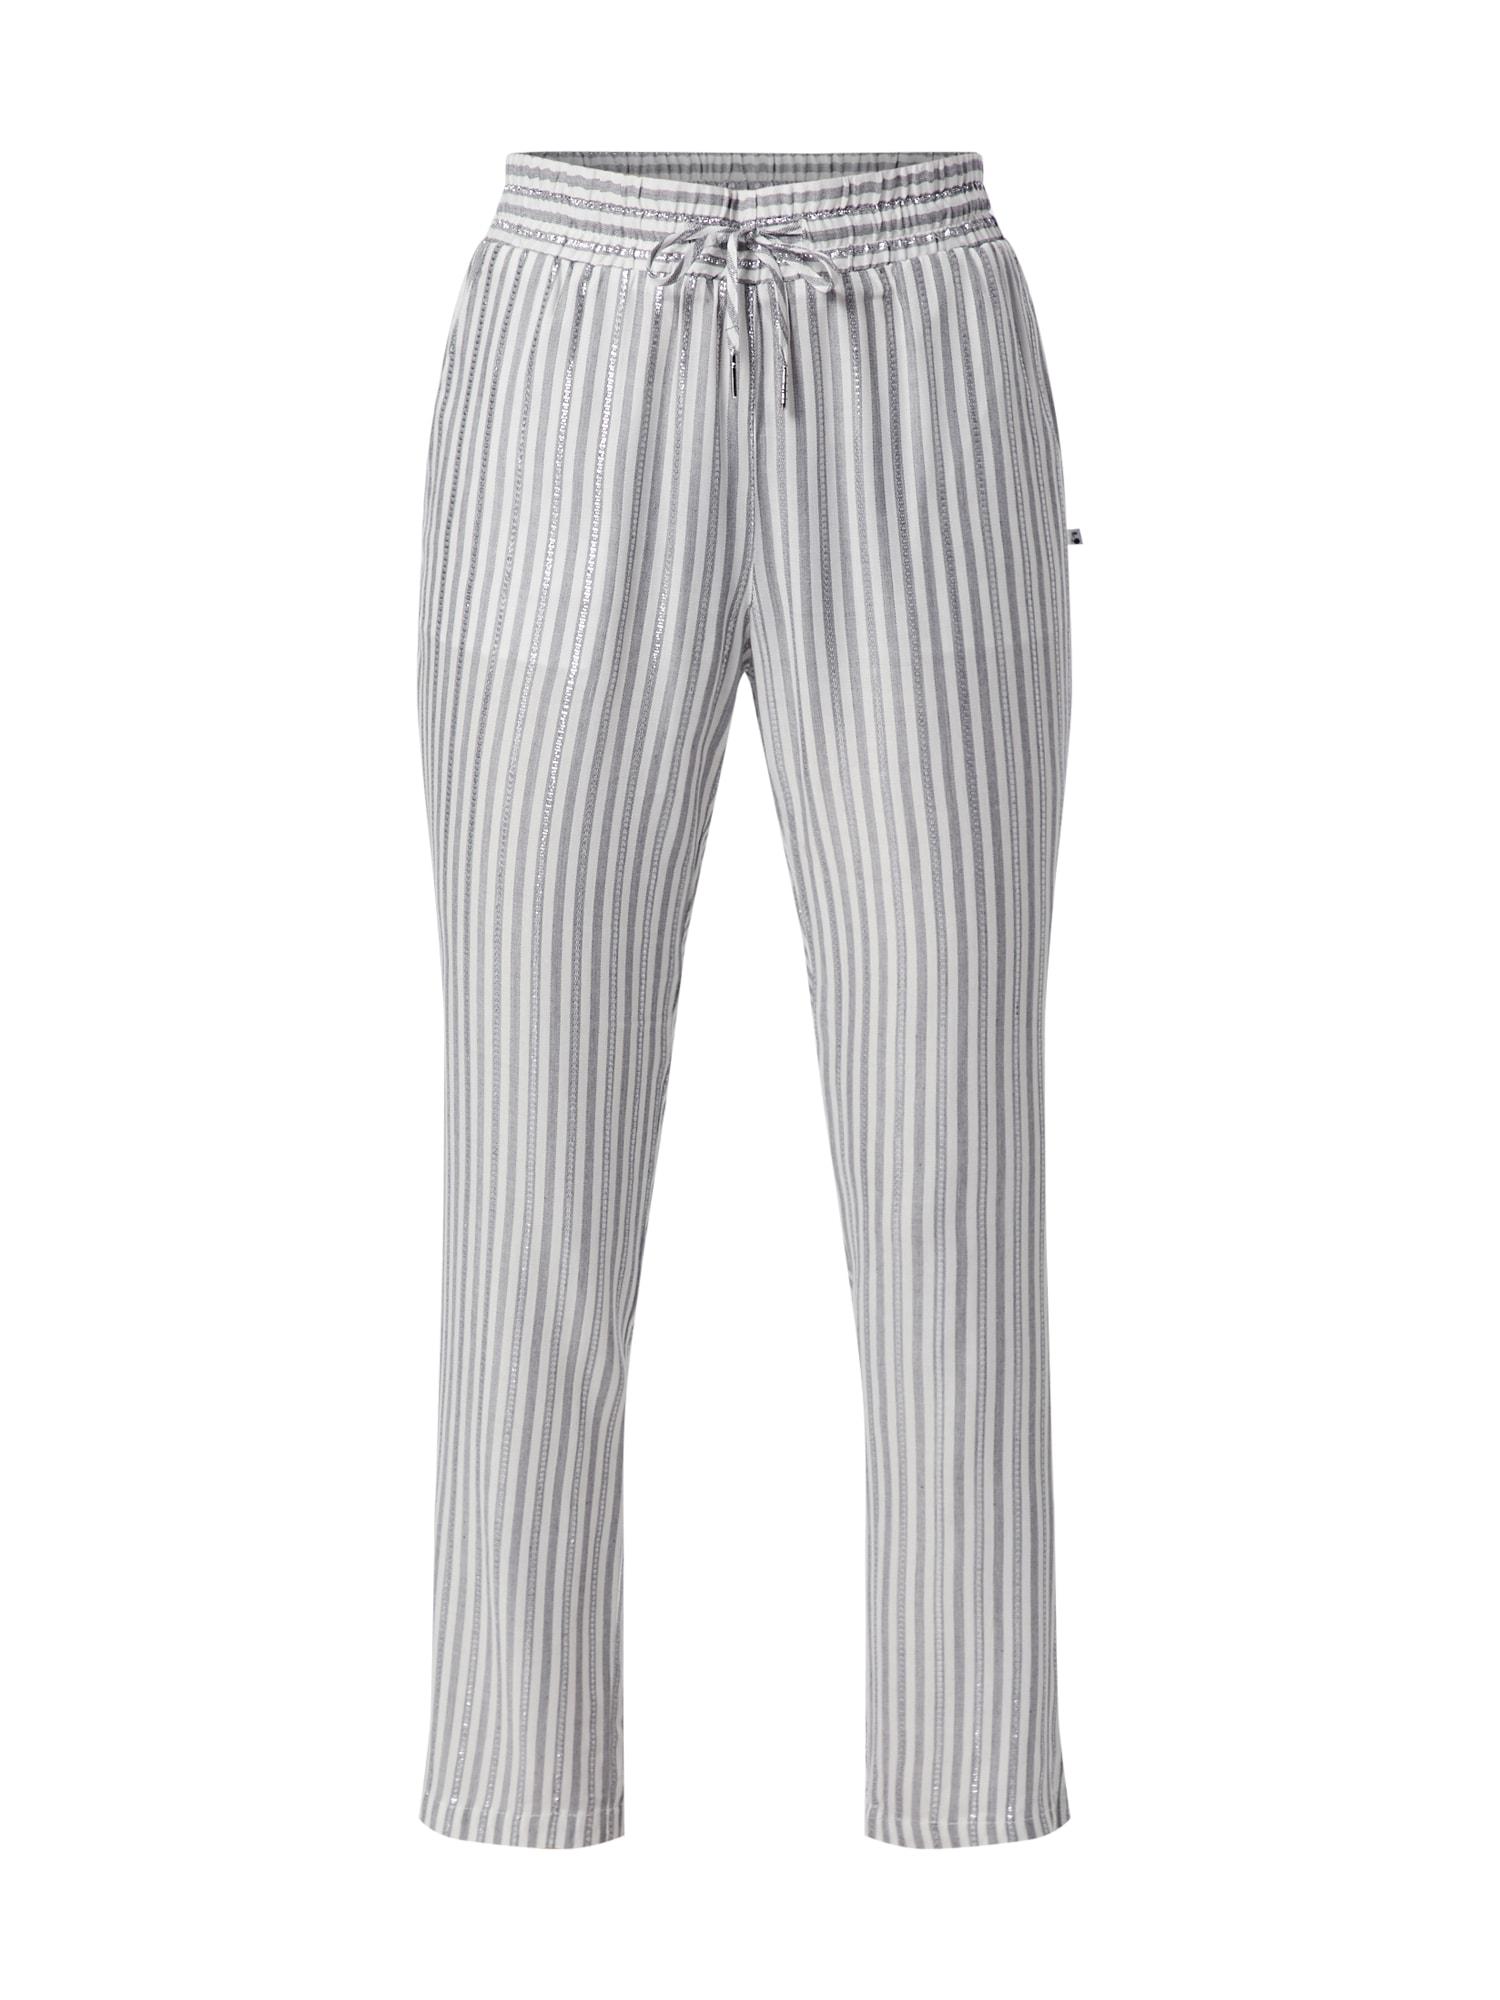 Kalhoty BARBARA stříbrně šedá bílá Le Temps Des Cerises